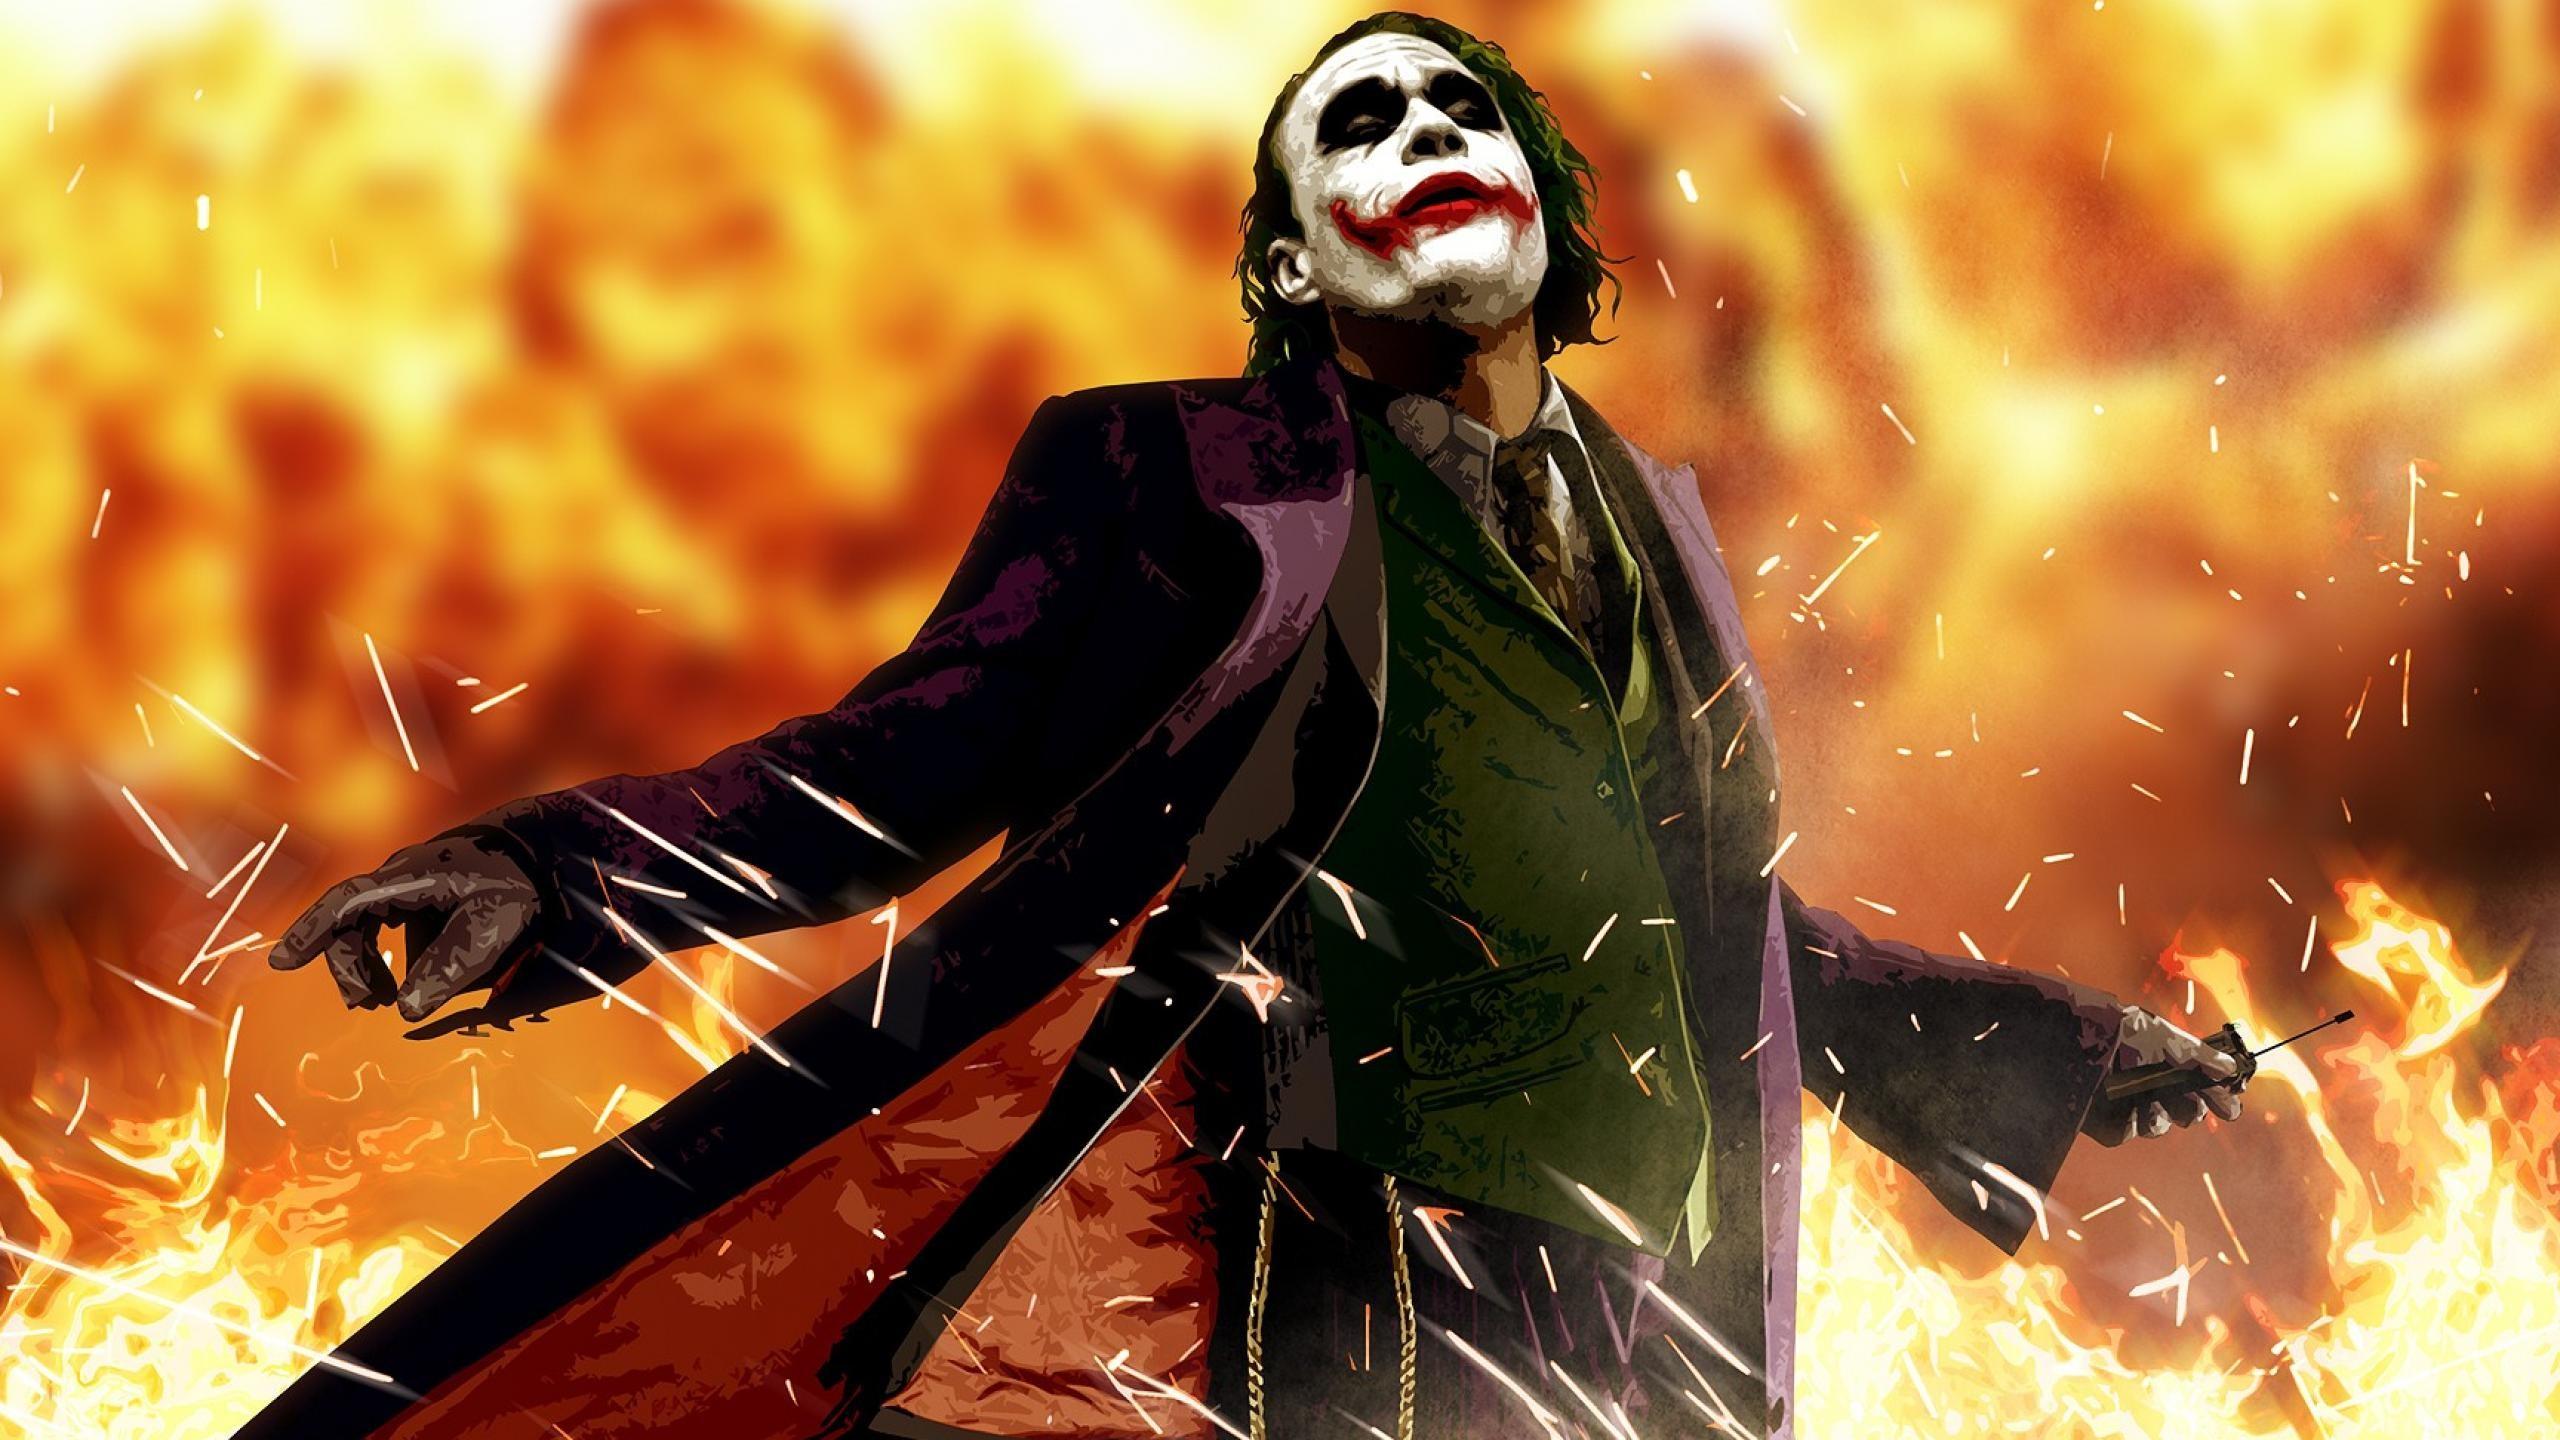 The Joker From Batman Movie The Dark Knight Wallpaper